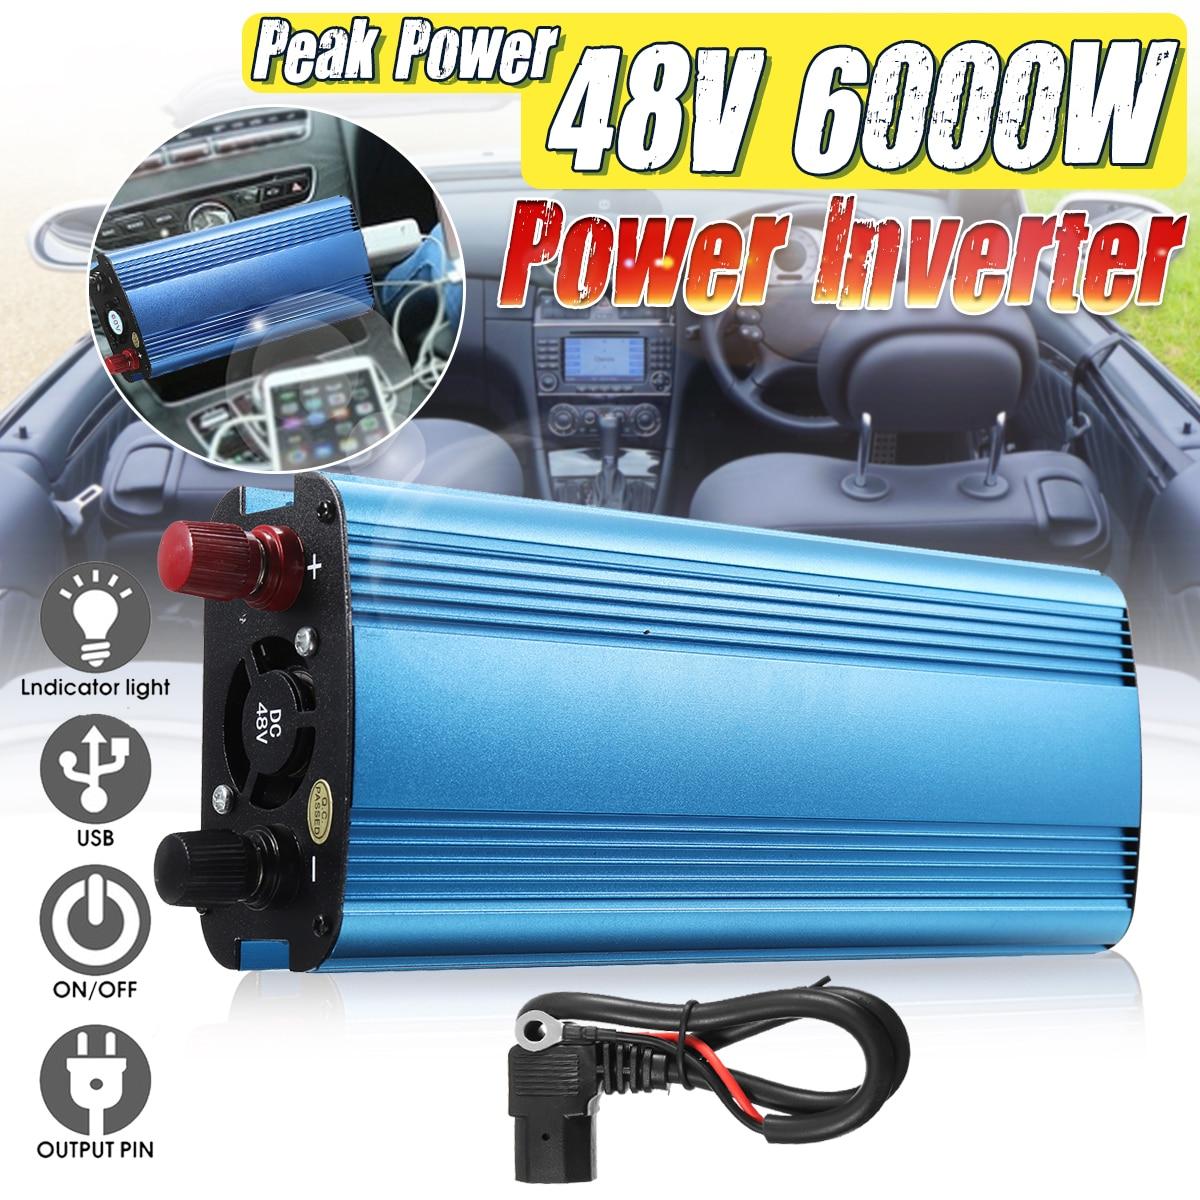 Autoleader 6000W Peak Power Car Power Inverter Charger Sine Wave DC 12V/24V/48V/60V To AC 220V Inverter Voltage Converter